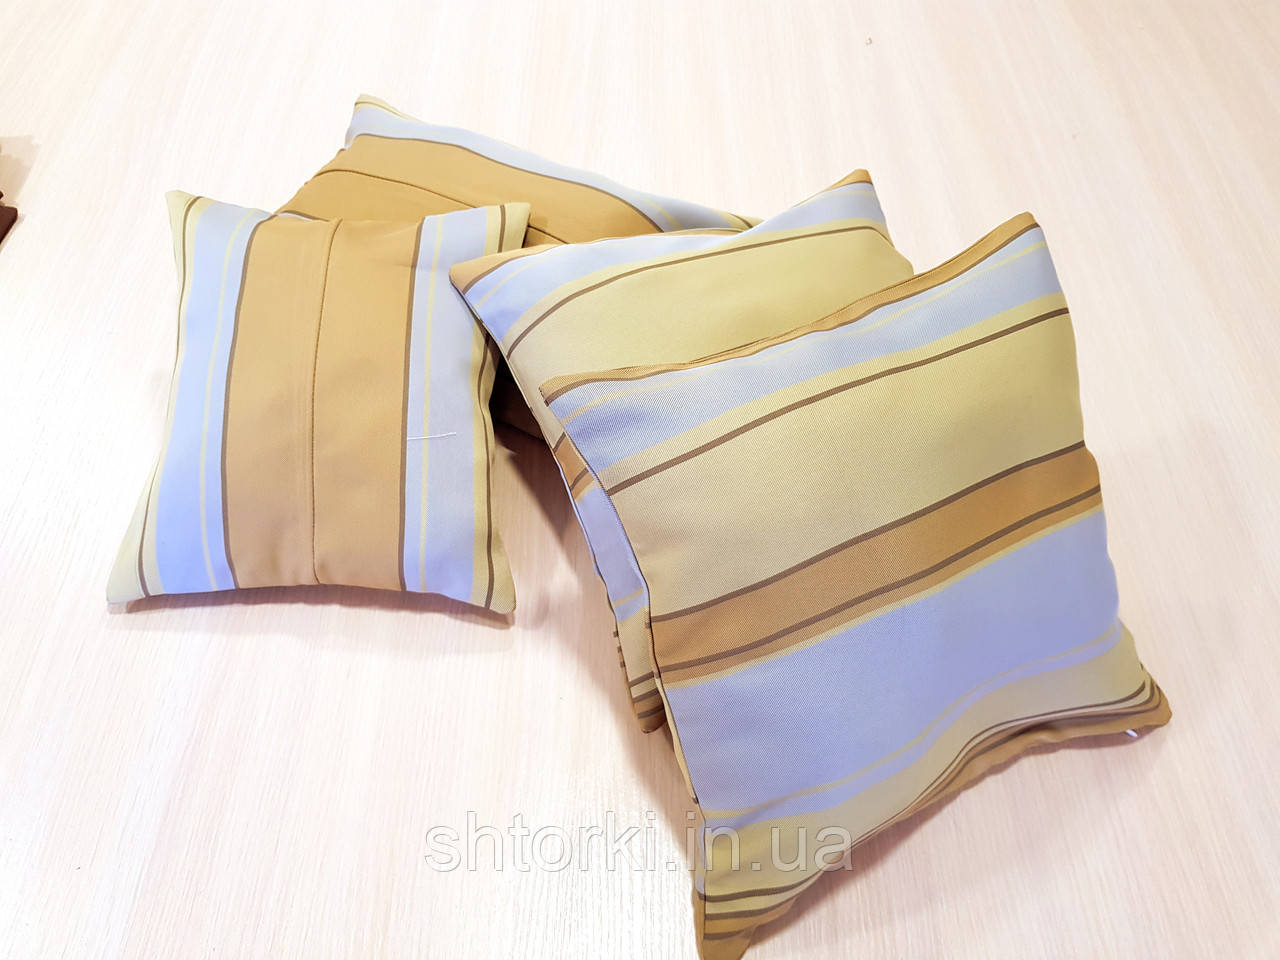 Комплект подушек Драпилюкс беж с голубым, 4шт